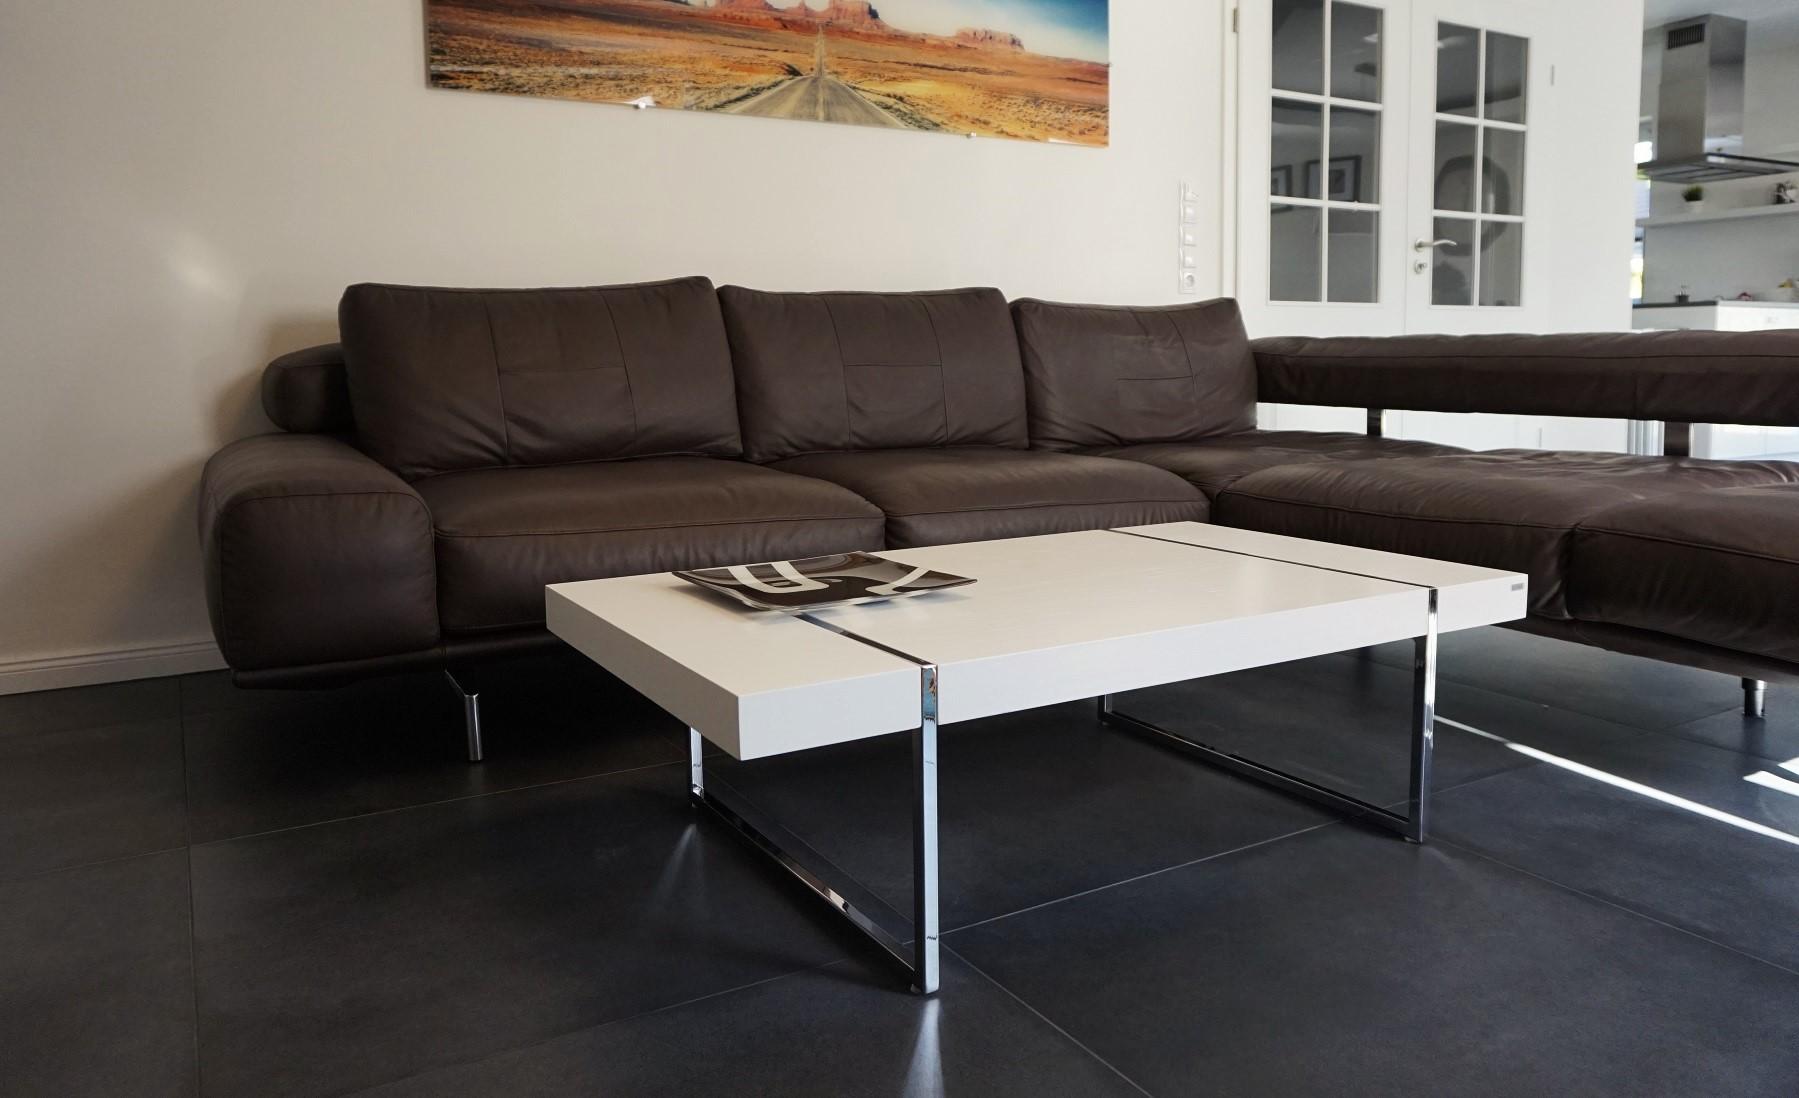 Design Couchtisch Tisch Wohnzimmertisch S 111 Carl Svensson Weiss